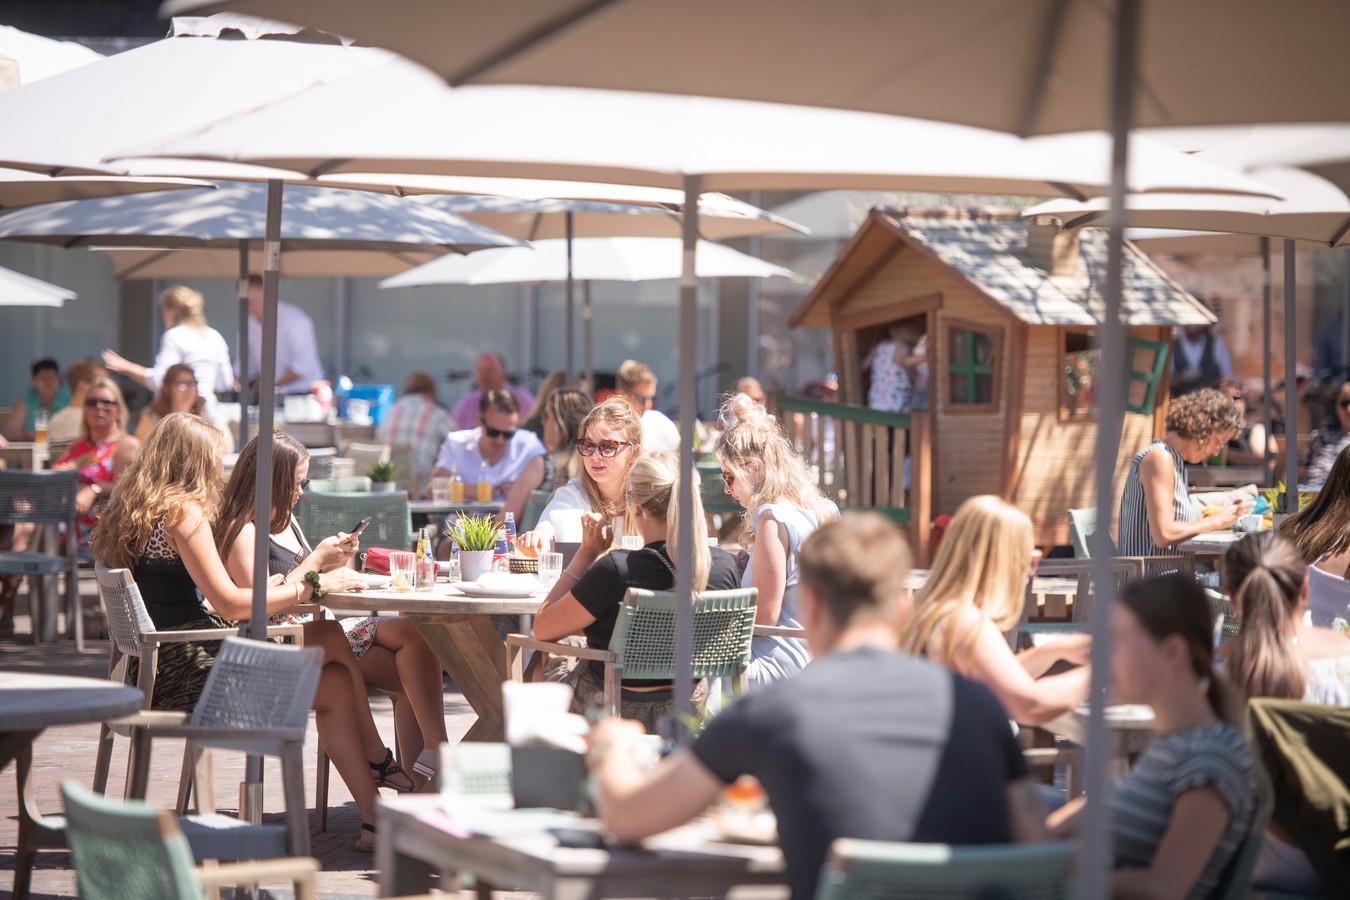 Het terras van café-restaurant Nielz liep maandag snel vol. Om 12 uur stond er meteen een flinke rij bij de incheck-balie.